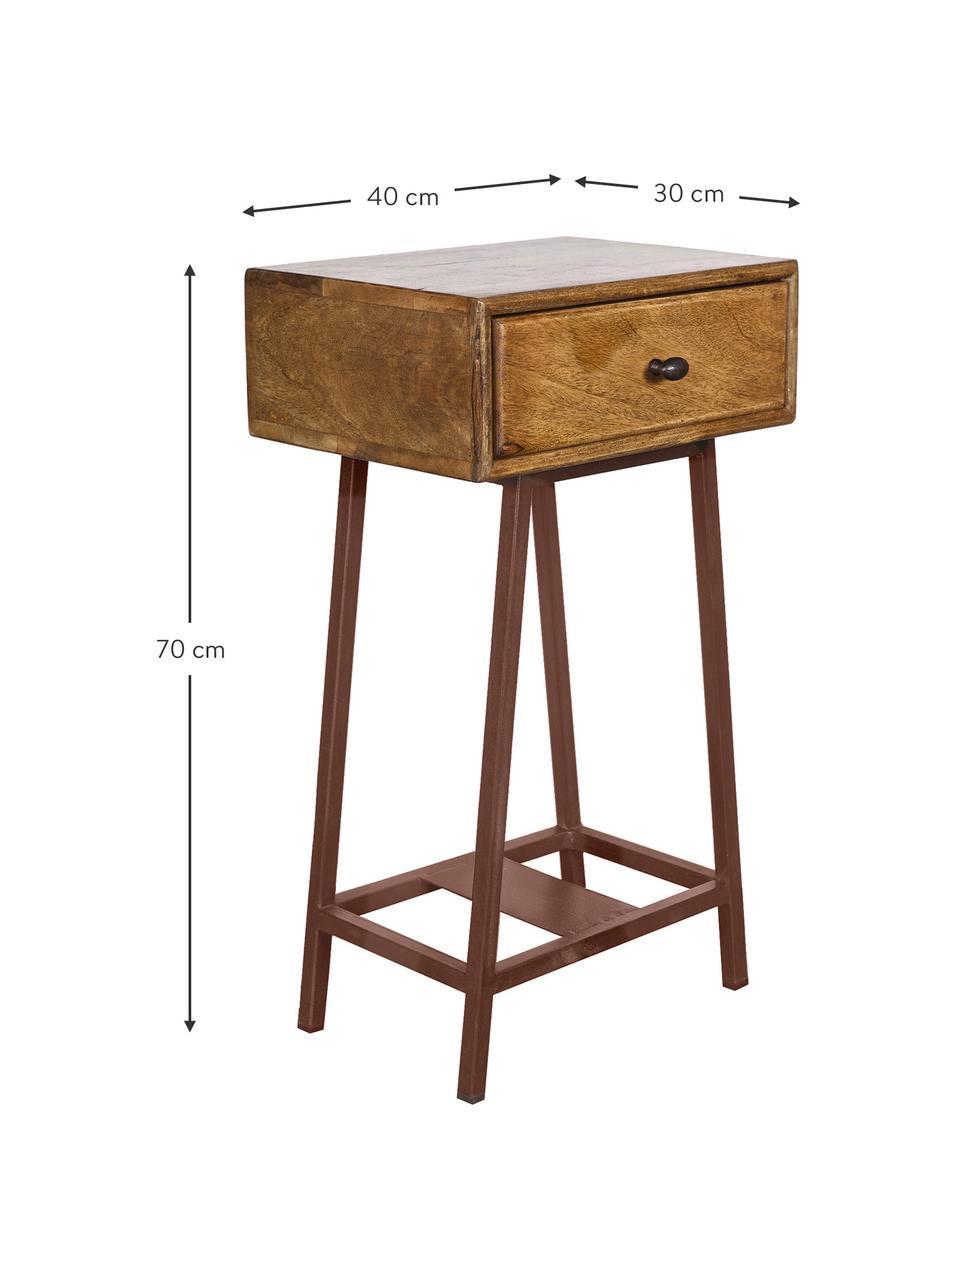 Stolik pomocniczy z szufladą Skybox, Drewno sosnowe, rdzawobrązowy, S 40 x W 70 cm